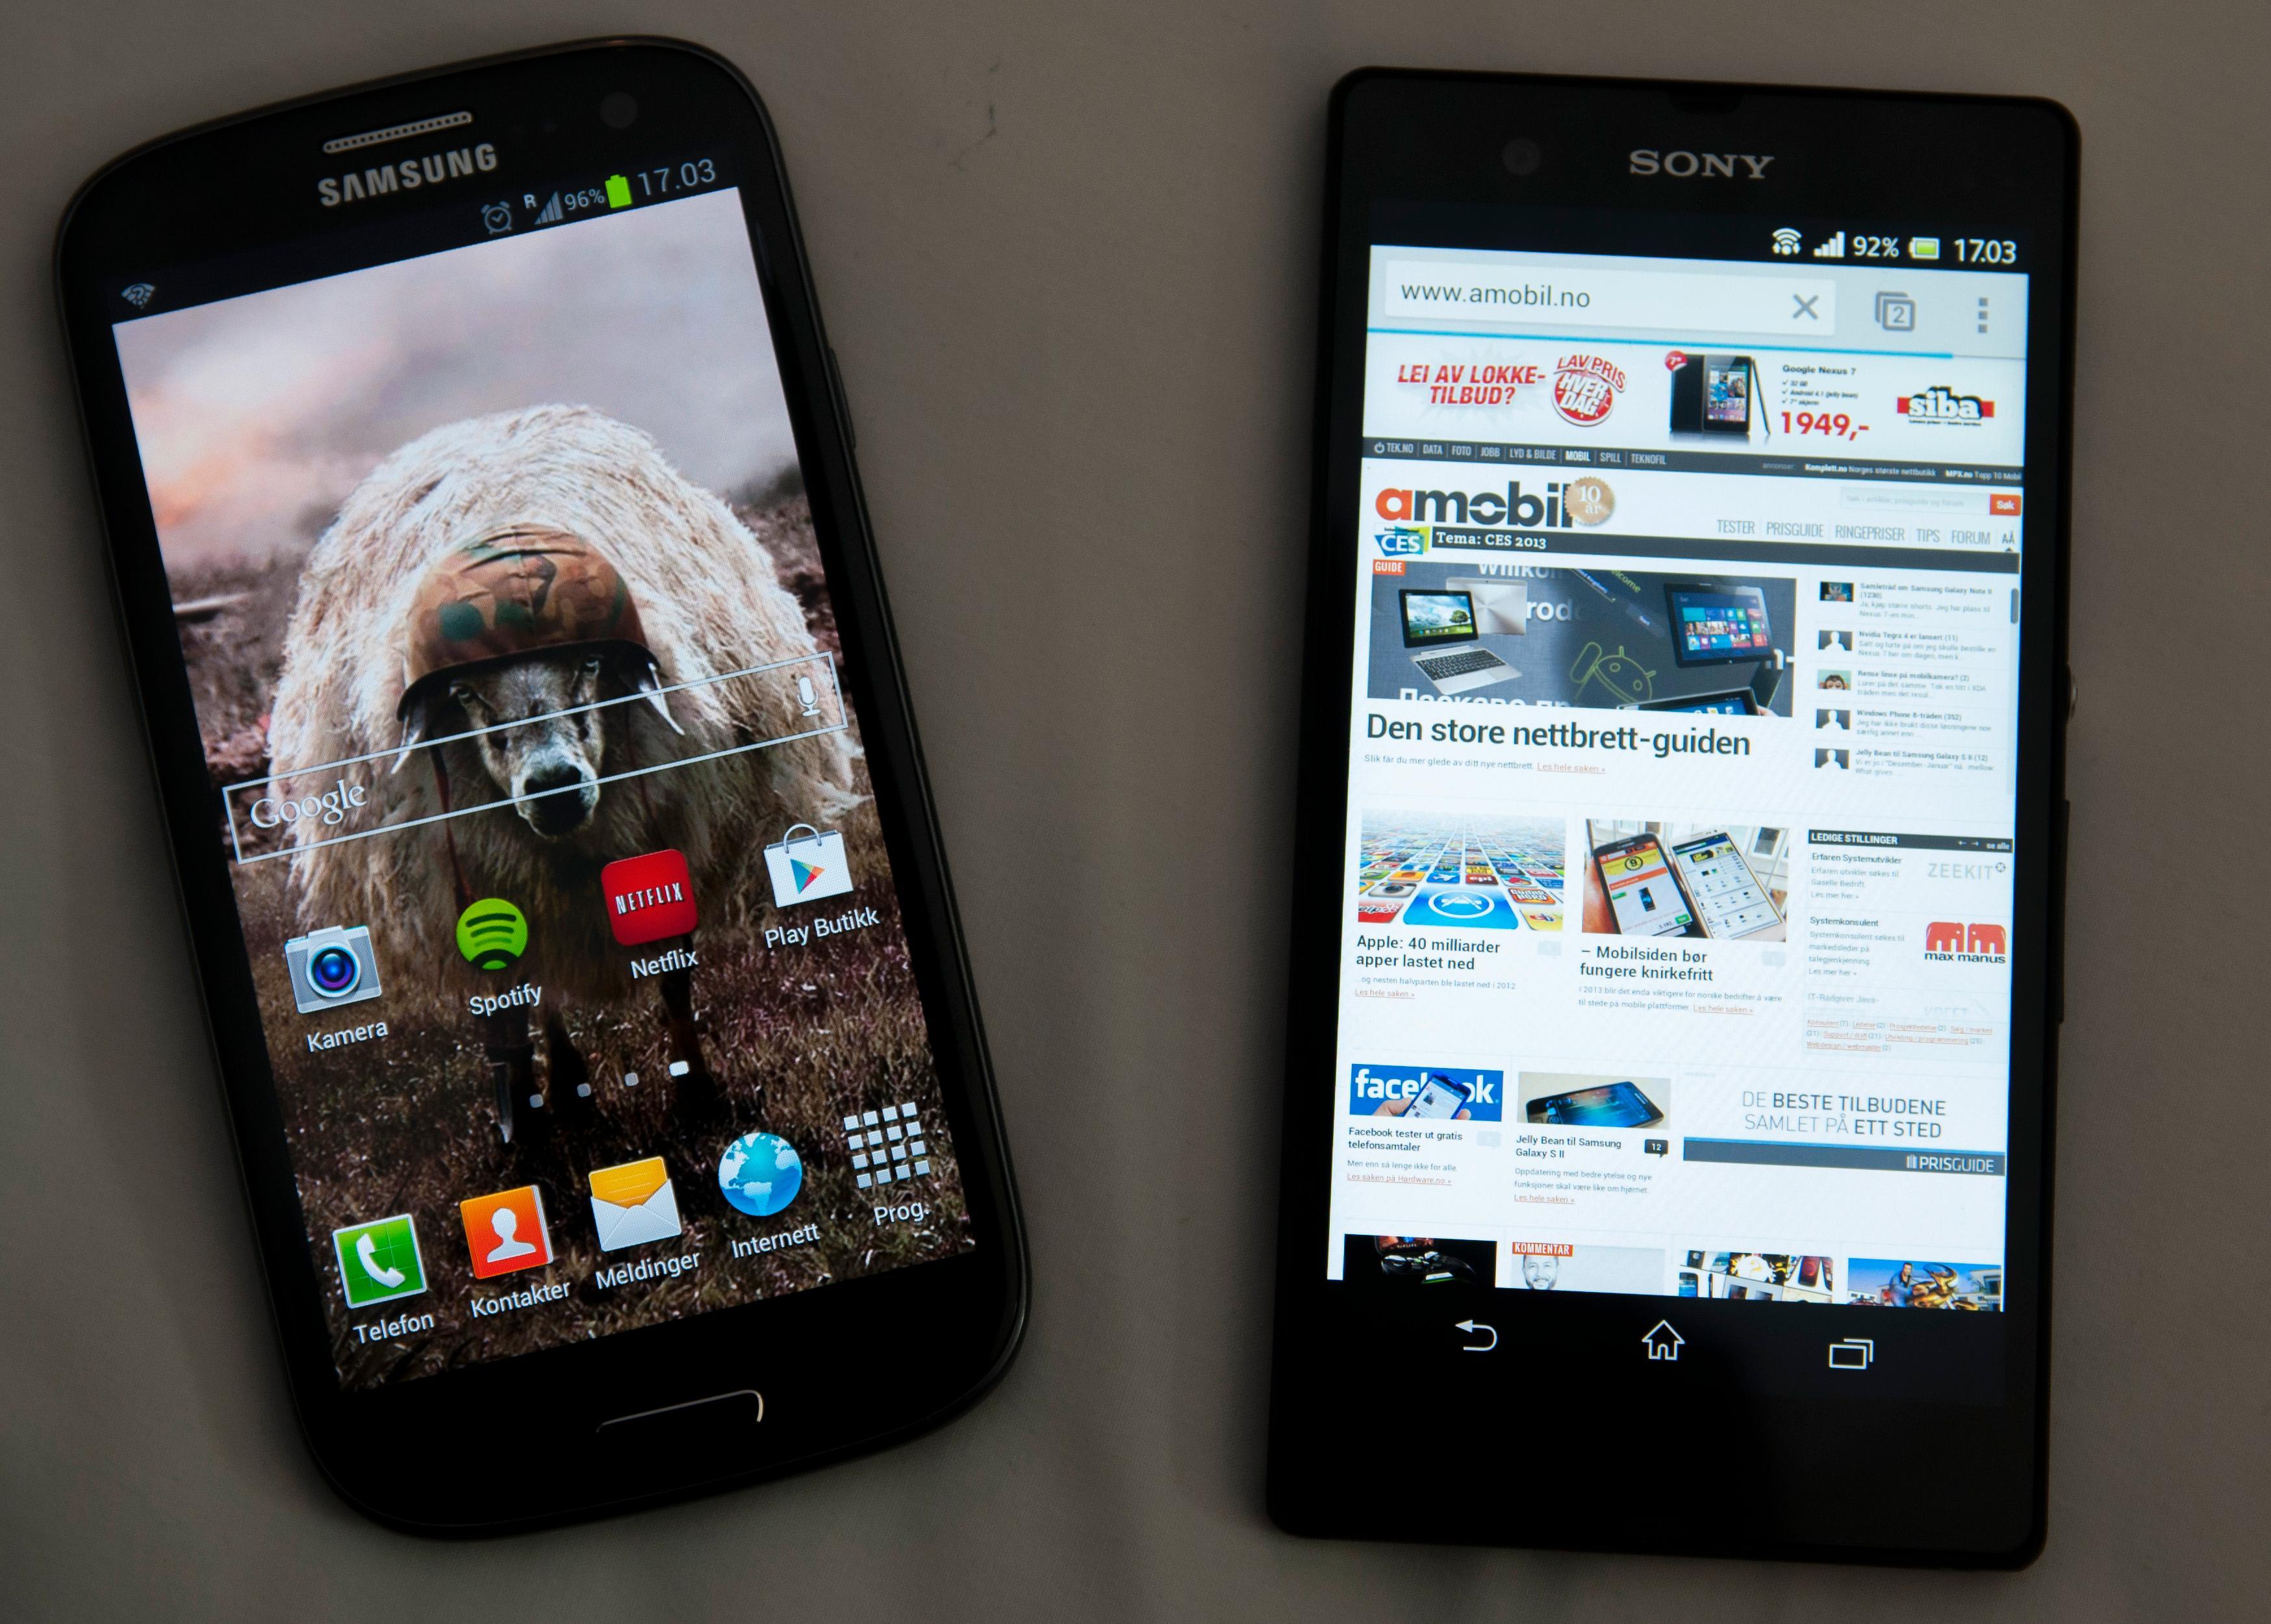 Forskjellen i størrelse fra Samsungs Galaxy S III til Sonys Xperia Z er ikke skremmende stor.Foto: Finn Jarle Kvalheim, Amobil.no